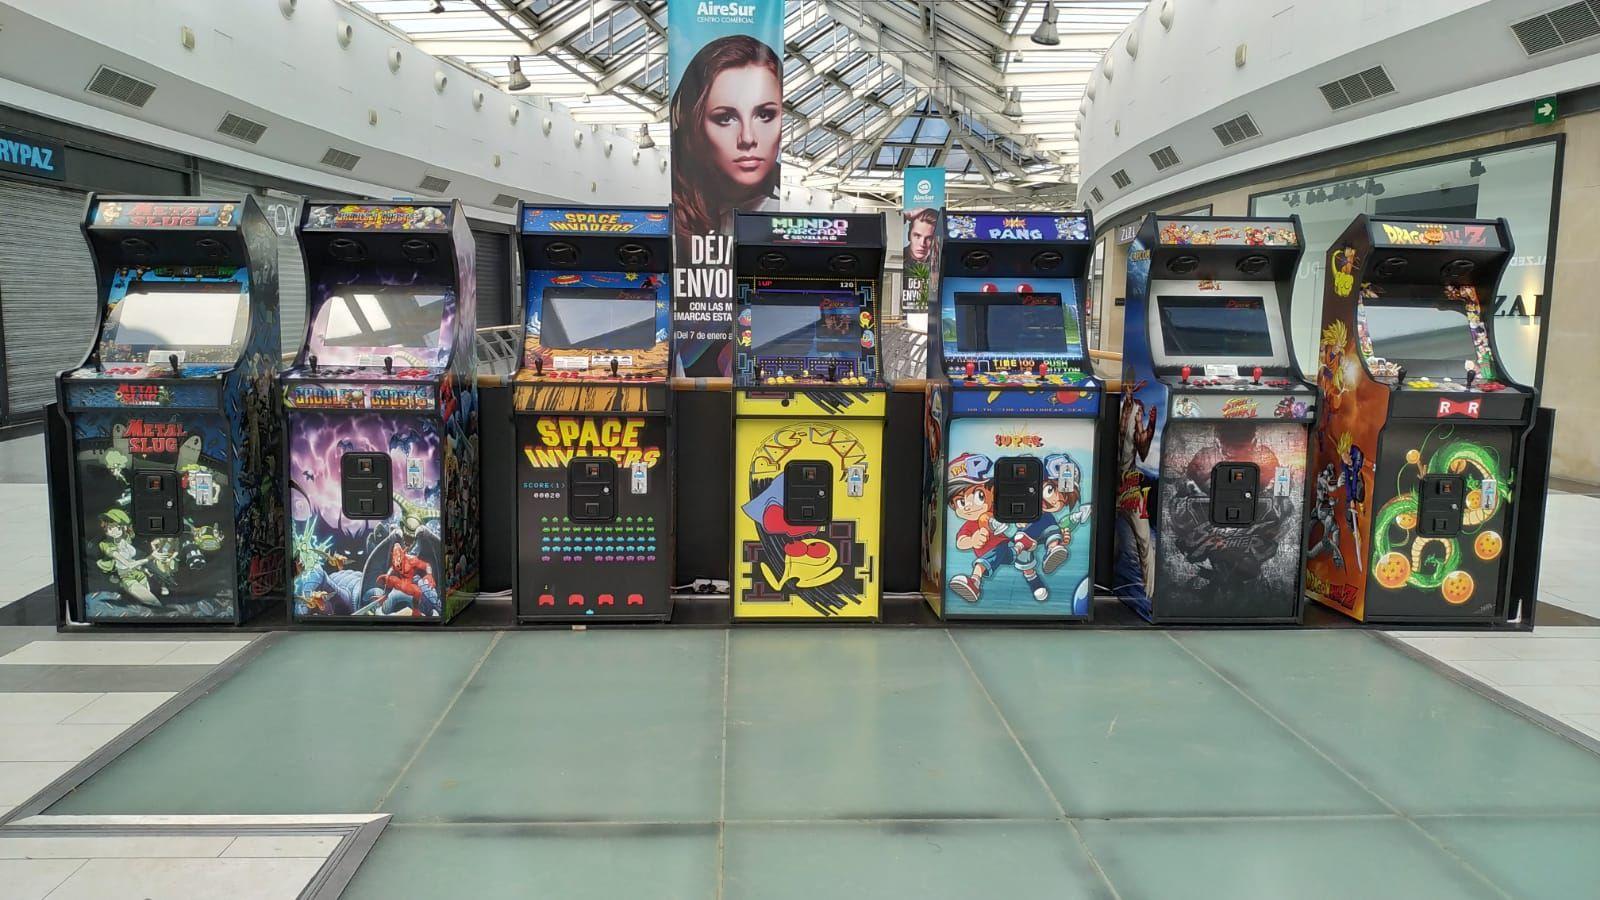 Foto 1 de Fabricación personalizada de máquinas Arcade en Sevilla | Mundo Arcade Sevilla